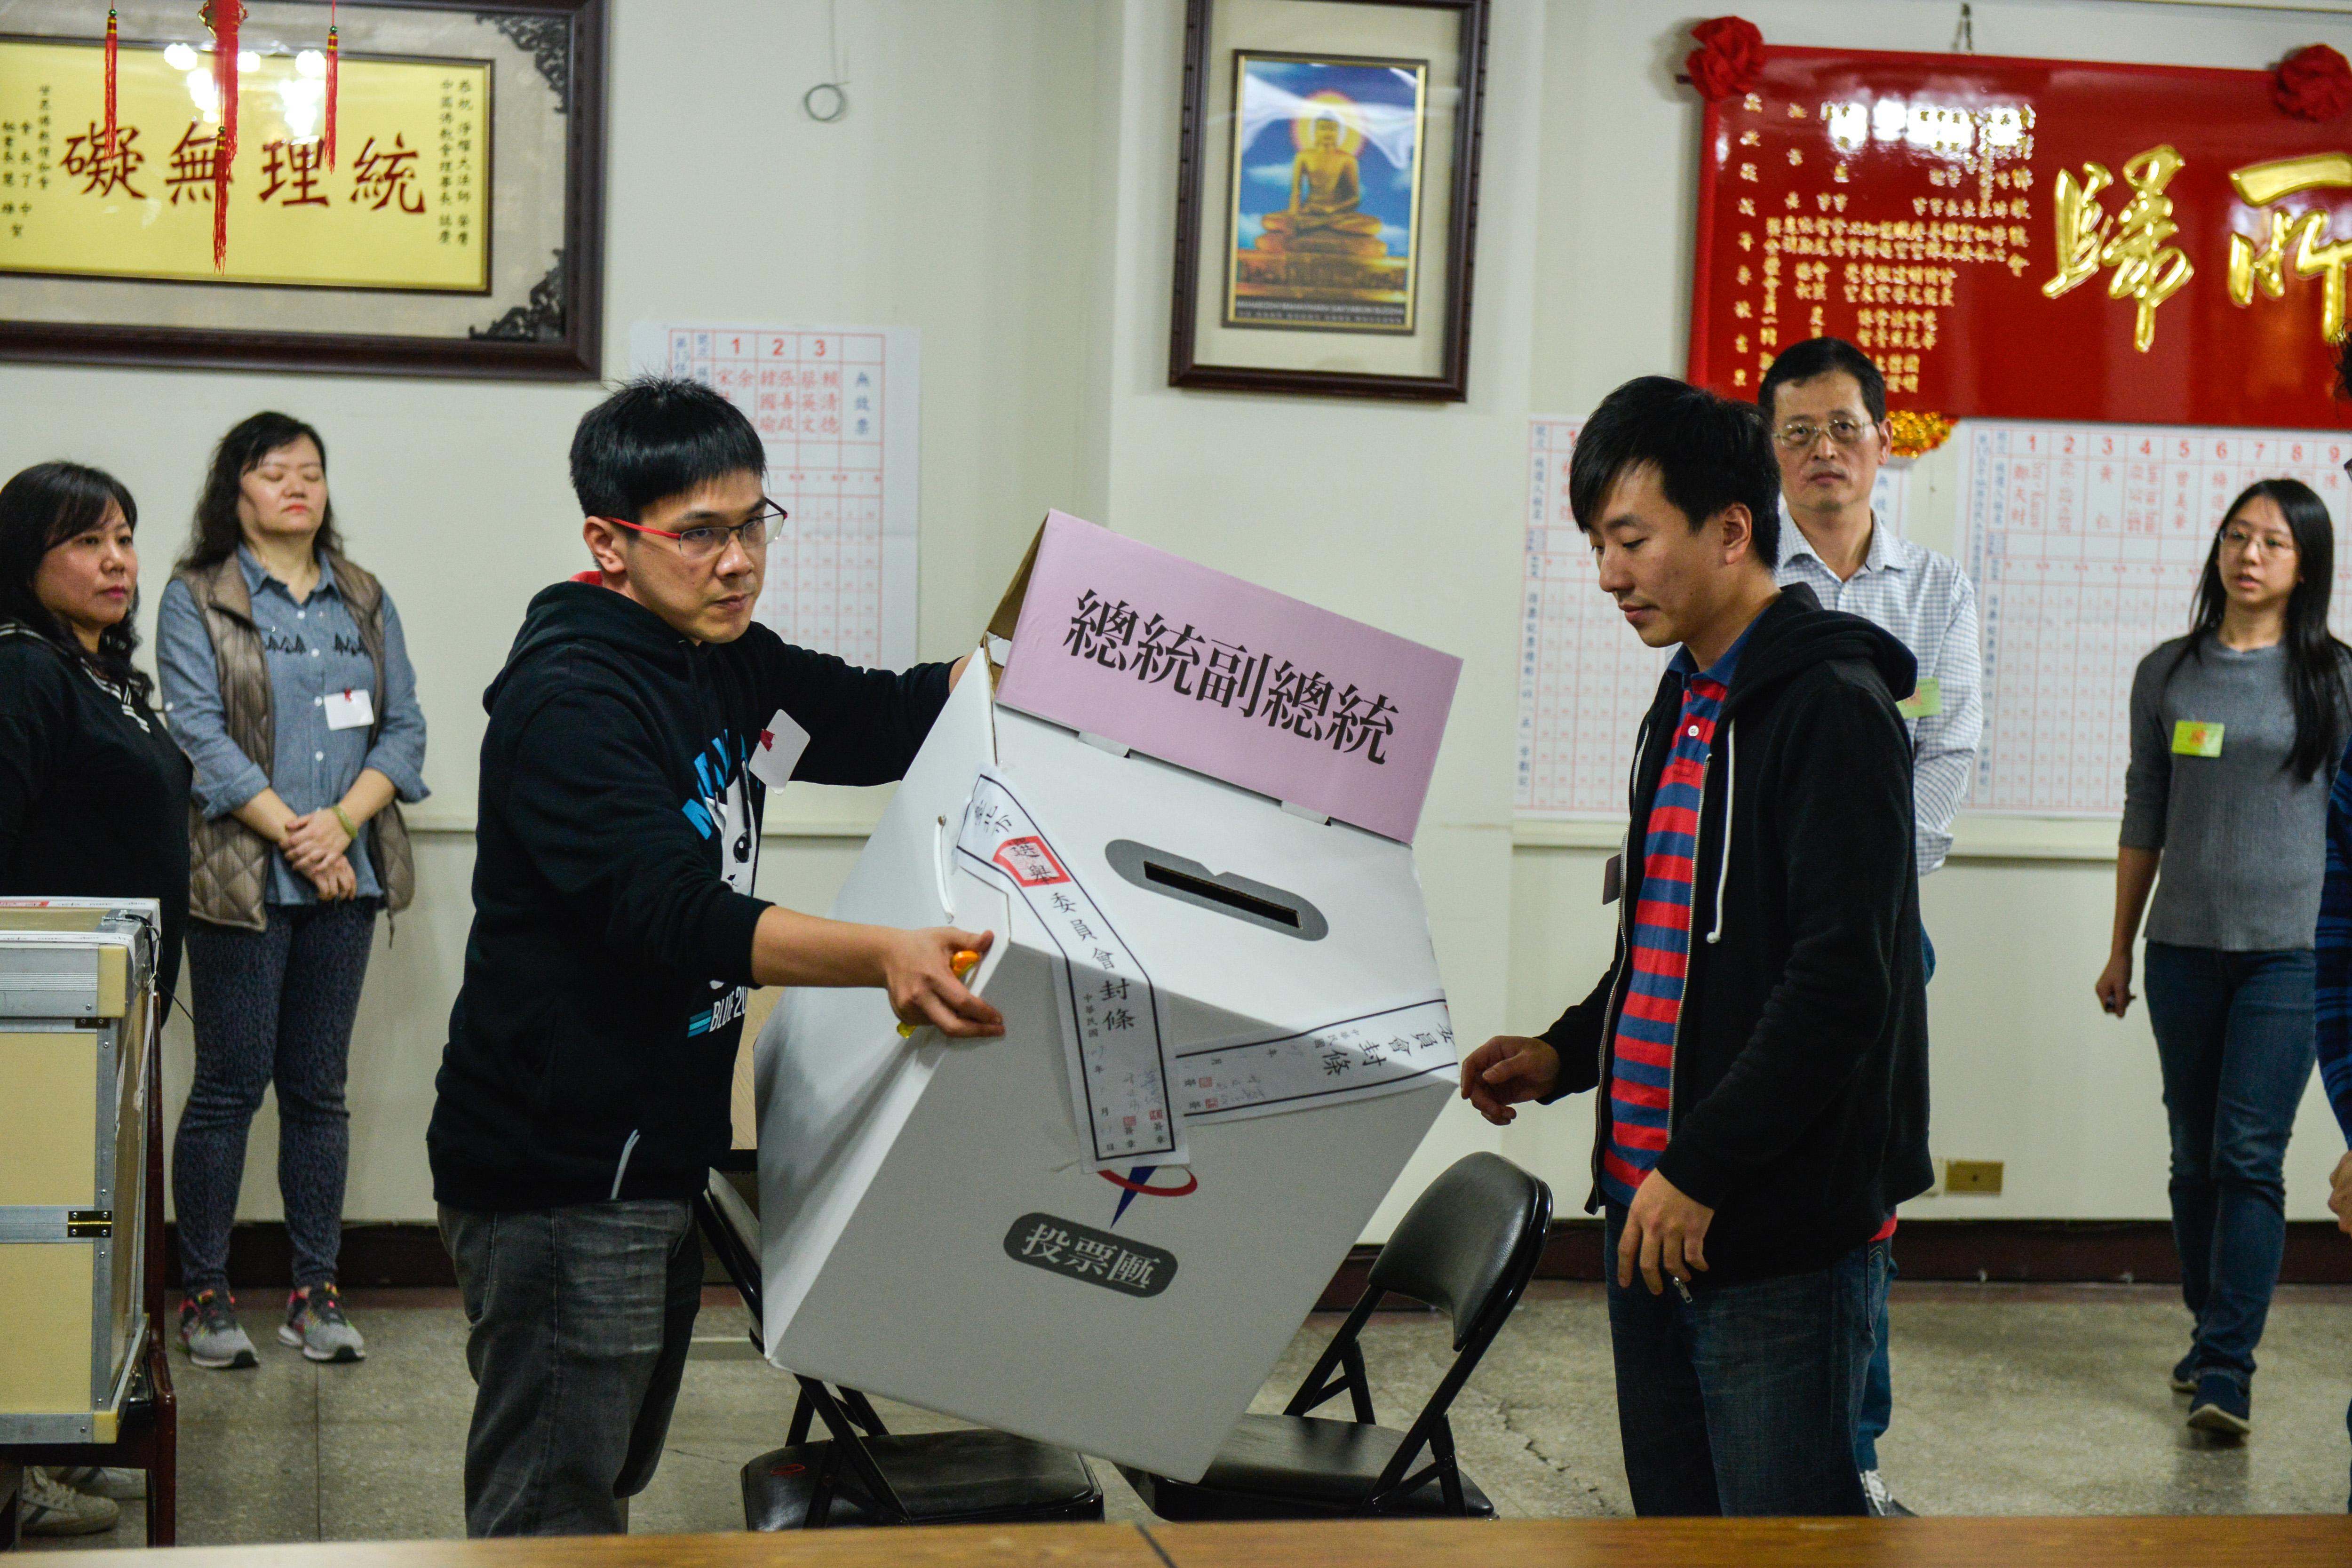 【台湾选举】非官方计票数据:蔡英文破400万票暂时领先